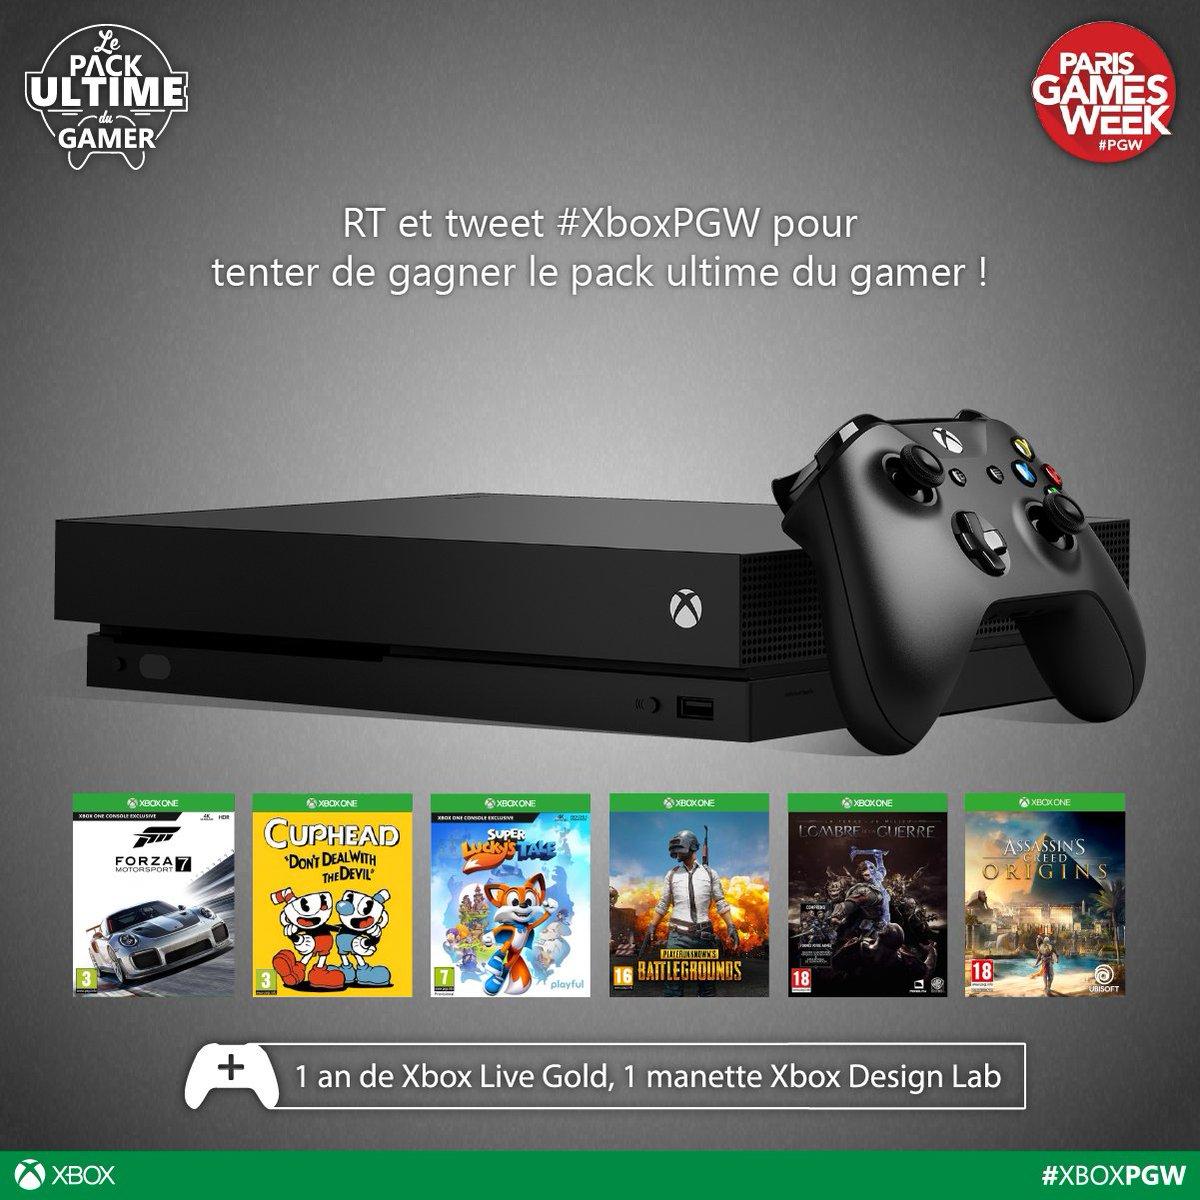 Nous voilà à la #PGW2017 ! RT et tweet #XboxPGW pour tenter de gagner le pack ultime du gamer ;)